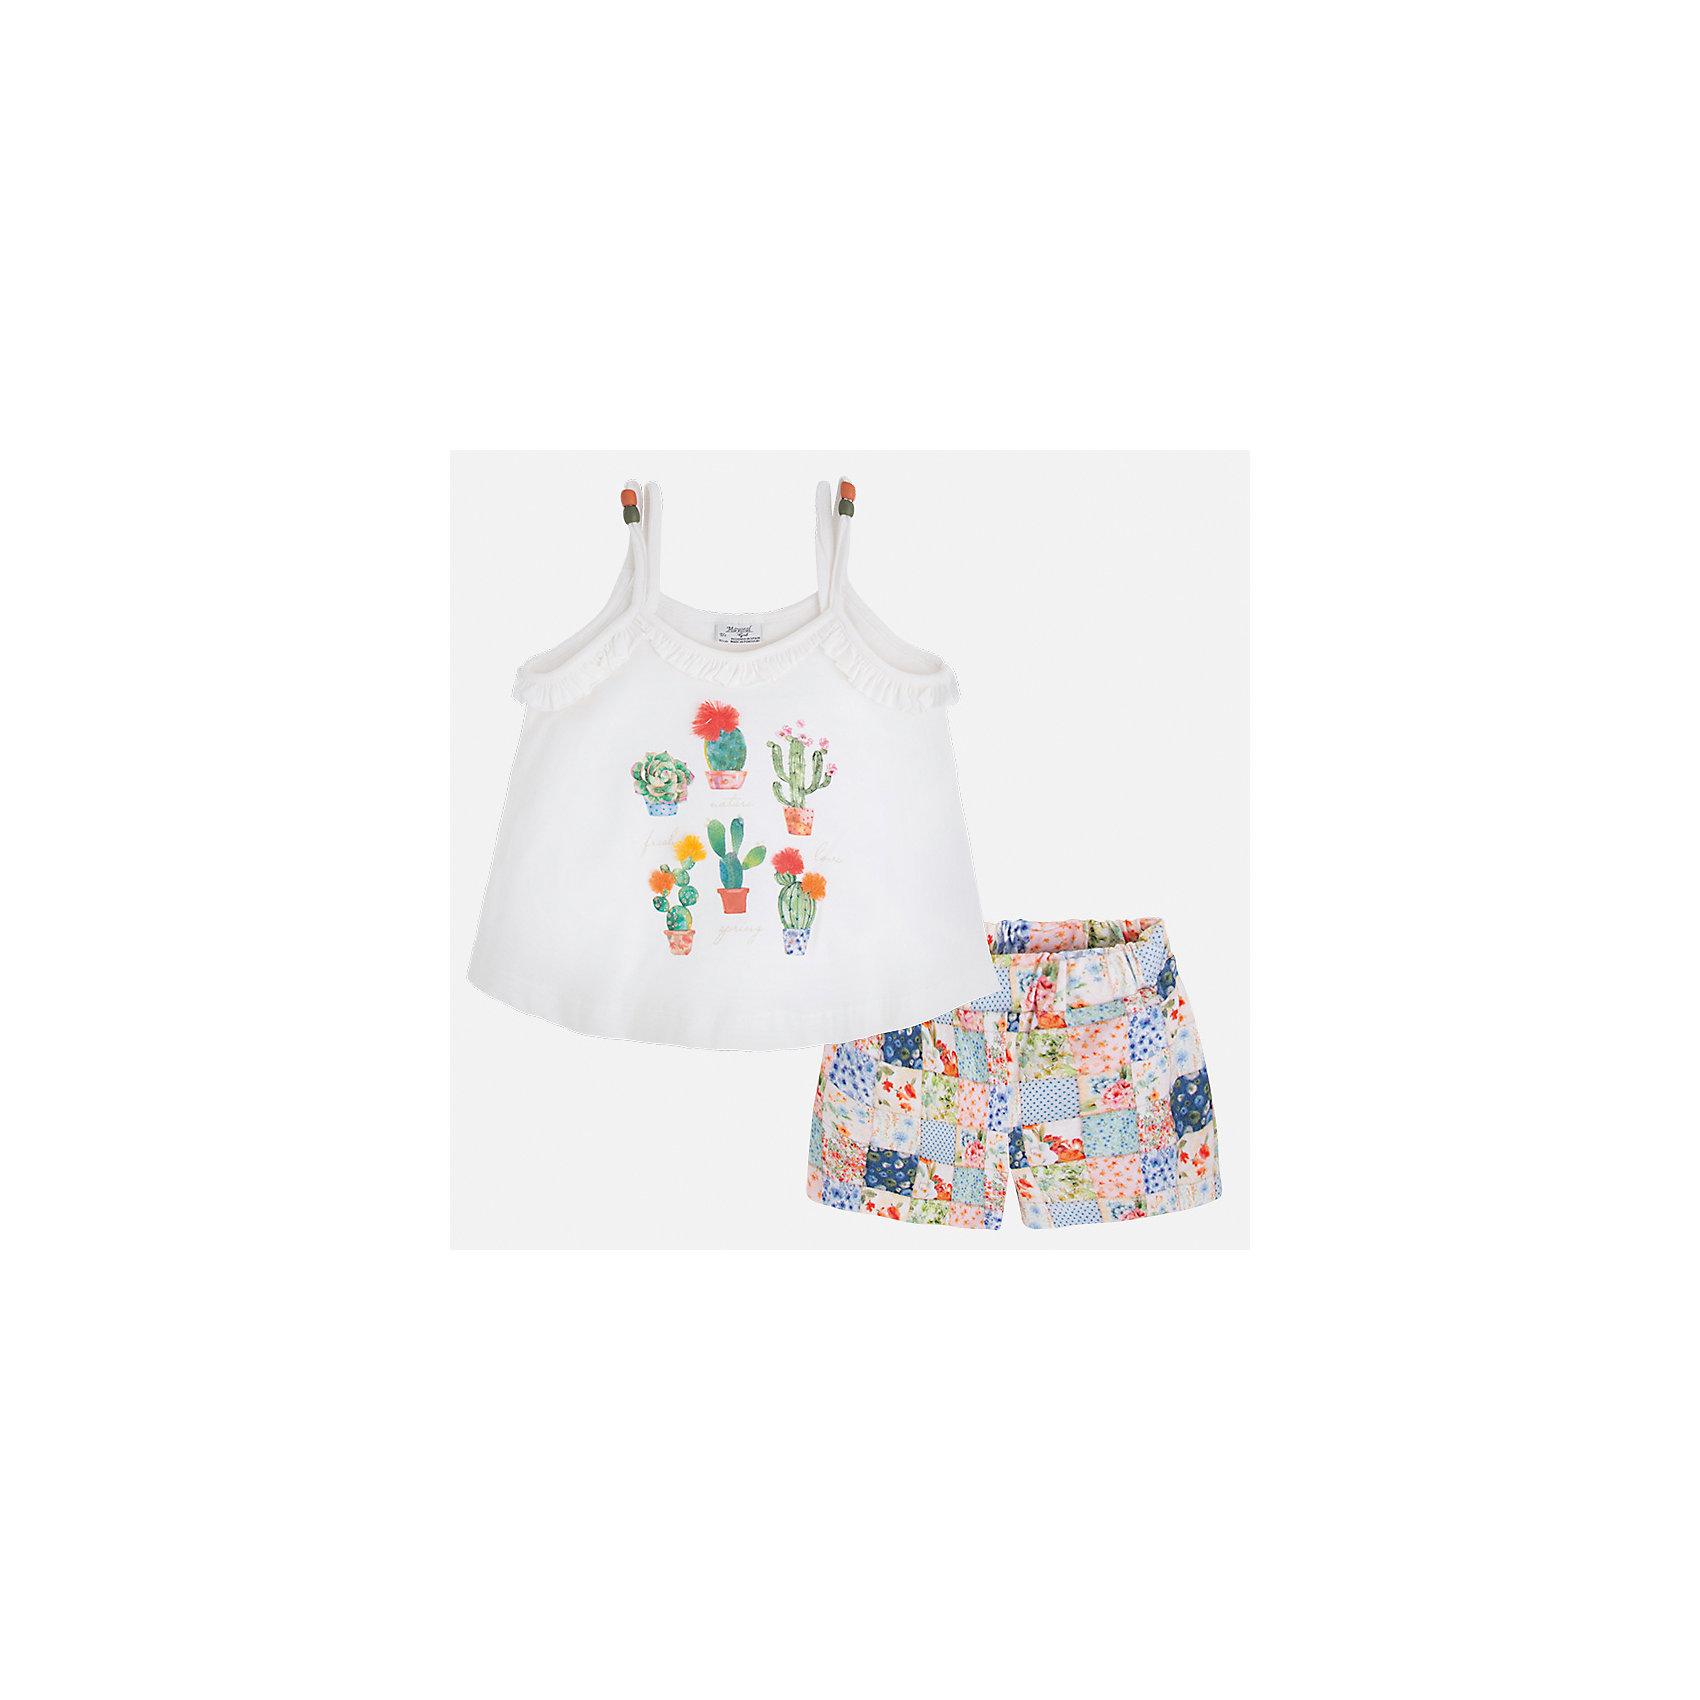 Комплект: майка и шорты для девочки MayoralКомплекты<br>Характеристики товара:<br><br>• цвет: белый/мультиколор<br>• состав: 96% хлопок, 4% эластан<br>• комплектация: майка, шорты<br>• майка декорирована принтом<br>• шорты из материала с принтом<br>• пояс на резинке<br>• страна бренда: Испания<br><br>Стильный качественный комплект для девочки поможет разнообразить гардероб ребенка и удобно одеться в теплую погоду. Он отлично сочетается с другими предметами. Универсальный цвет позволяет подобрать к вещам верхнюю одежду практически любой расцветки. Интересная отделка модели делает её нарядной и оригинальной. В составе материала - натуральный хлопок, гипоаллергенный, приятный на ощупь, дышащий.<br><br>Одежда, обувь и аксессуары от испанского бренда Mayoral полюбились детям и взрослым по всему миру. Модели этой марки - стильные и удобные. Для их производства используются только безопасные, качественные материалы и фурнитура. Порадуйте ребенка модными и красивыми вещами от Mayoral! <br><br>Комплект для девочки от испанского бренда Mayoral (Майорал) можно купить в нашем интернет-магазине.<br><br>Ширина мм: 191<br>Глубина мм: 10<br>Высота мм: 175<br>Вес г: 273<br>Цвет: разноцветный<br>Возраст от месяцев: 84<br>Возраст до месяцев: 96<br>Пол: Женский<br>Возраст: Детский<br>Размер: 128,134,92,98,104,110,116,122<br>SKU: 5289821